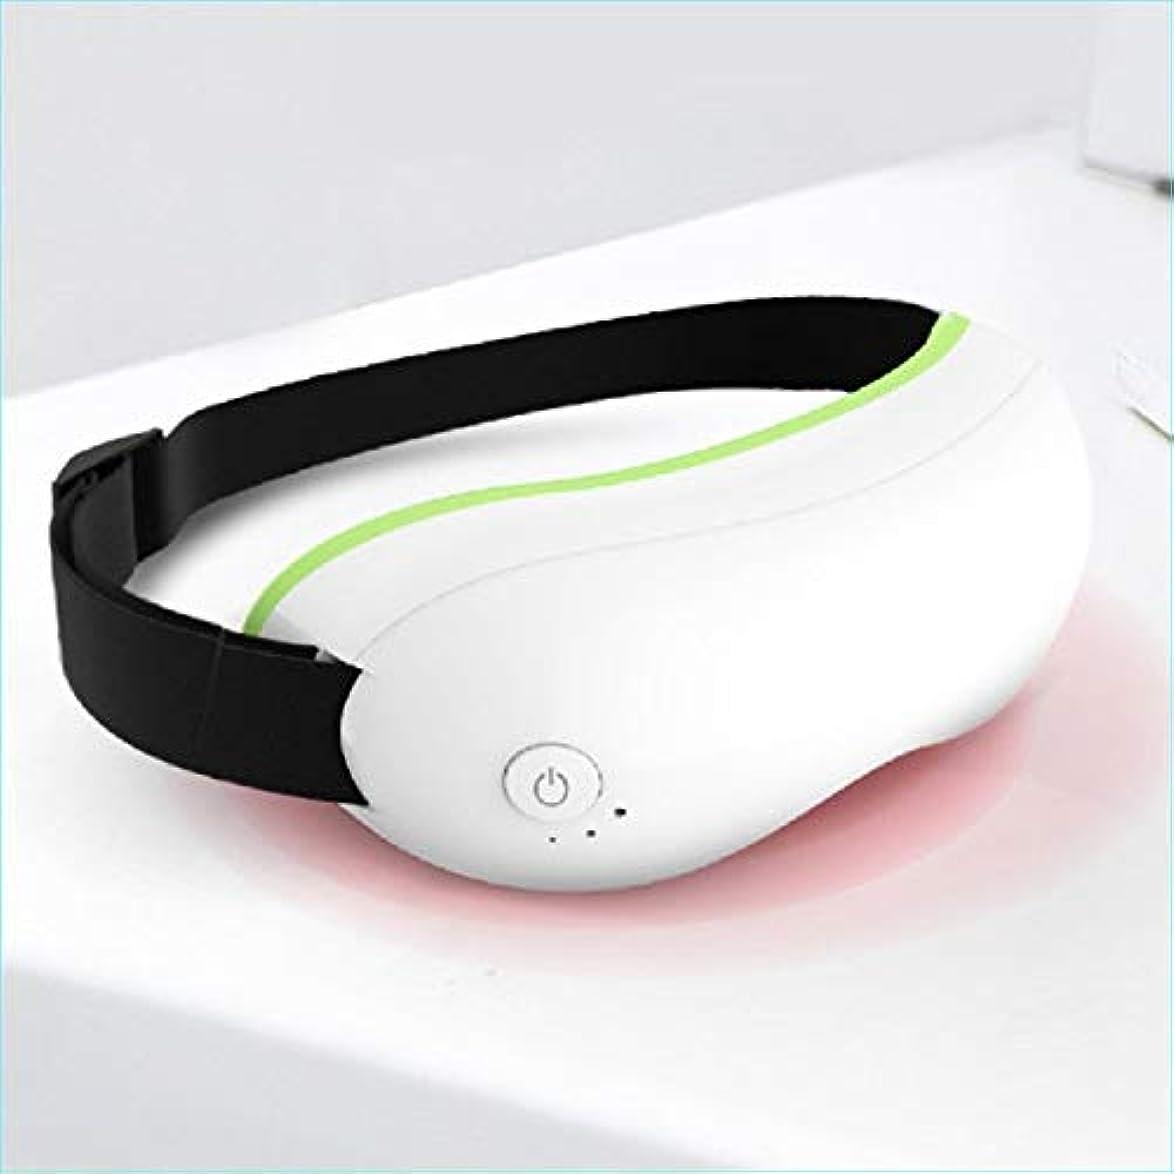 マイナスリーク慰めMeet now 暖房付きの高度な充電式ワイヤレスインテリジェント振動アイマッサージ 品質保証 (Color : White)